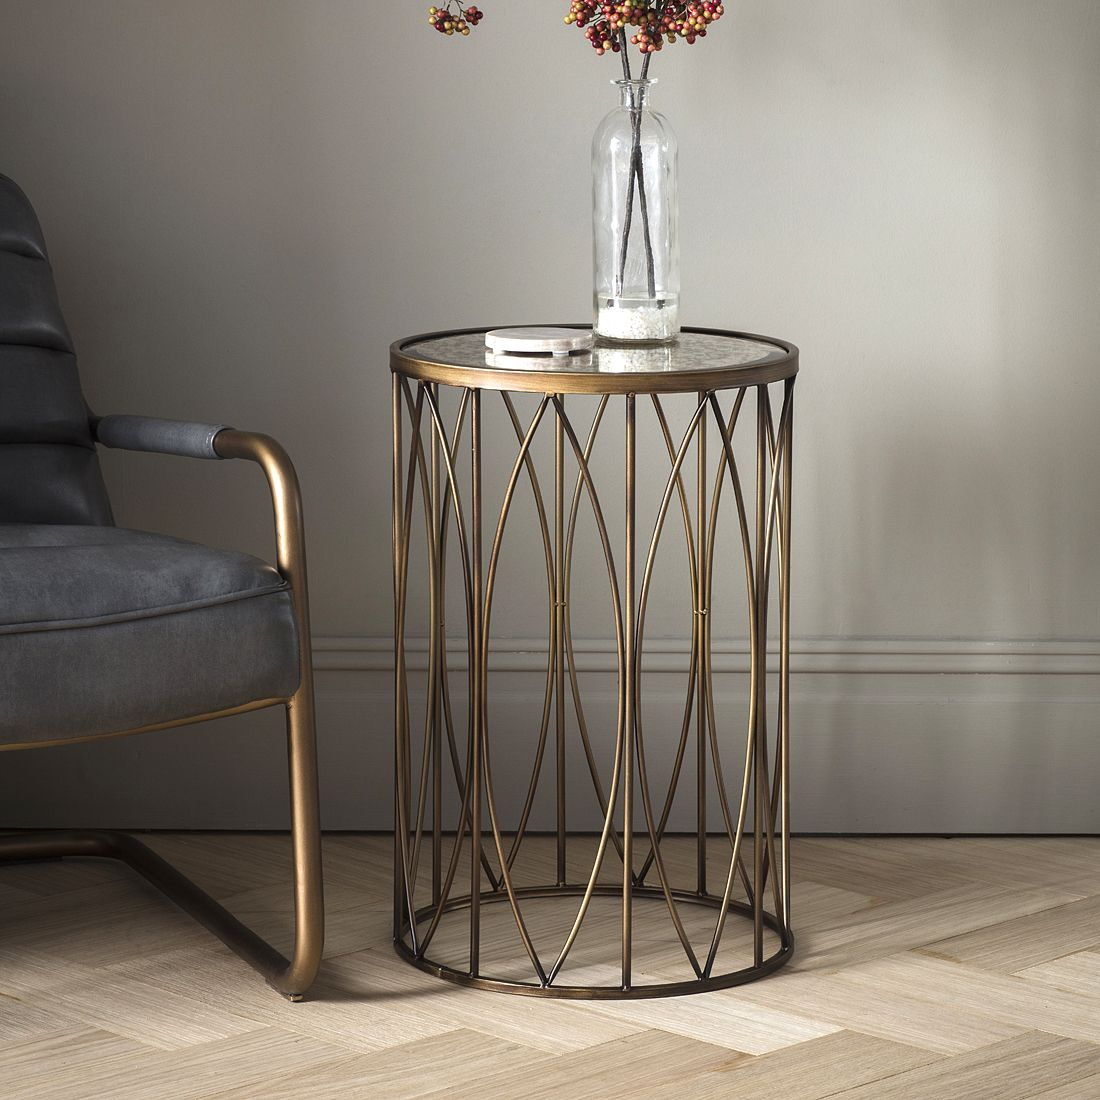 Antique Gold Round Side Table With Vintage Mirror Top Primrose Plum Beistelltisch Metall Beistelltische Glas Tischplatte